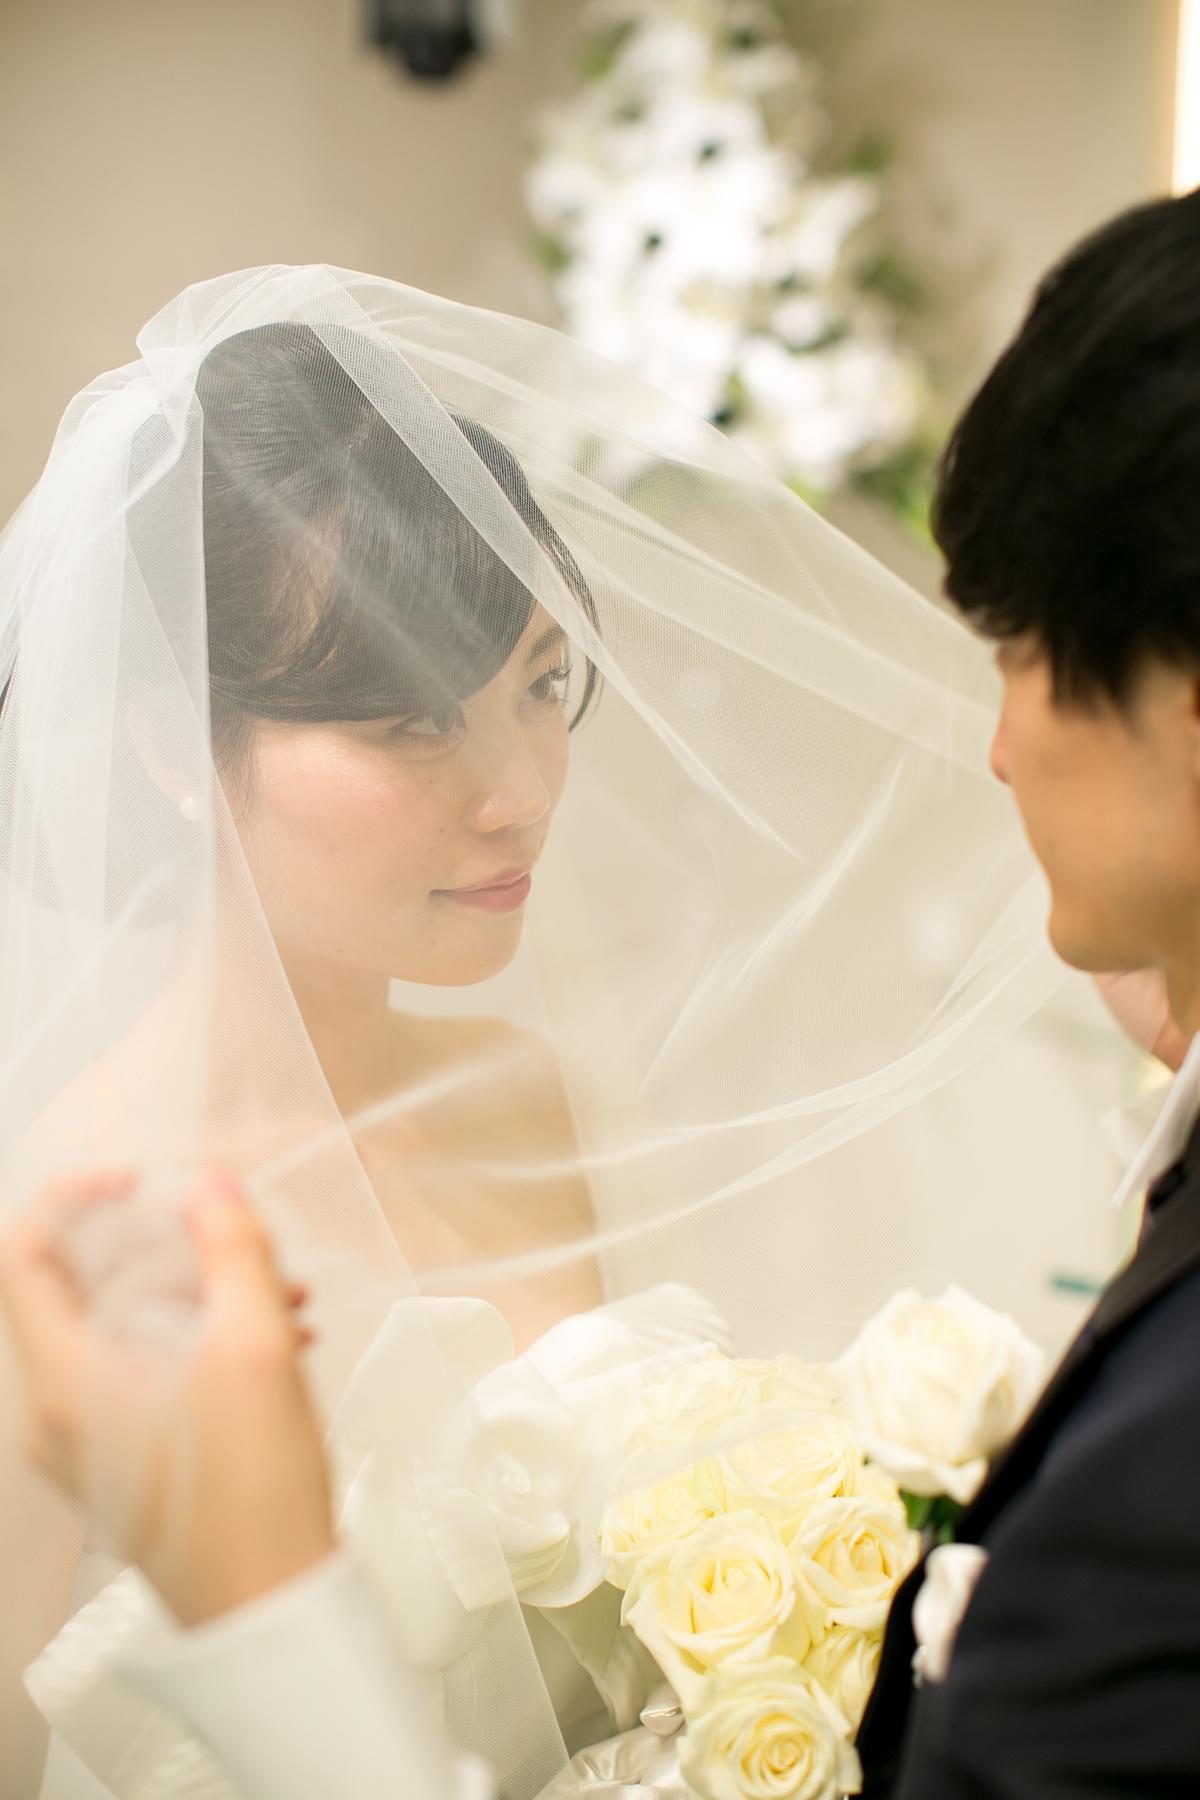 onishi_0013